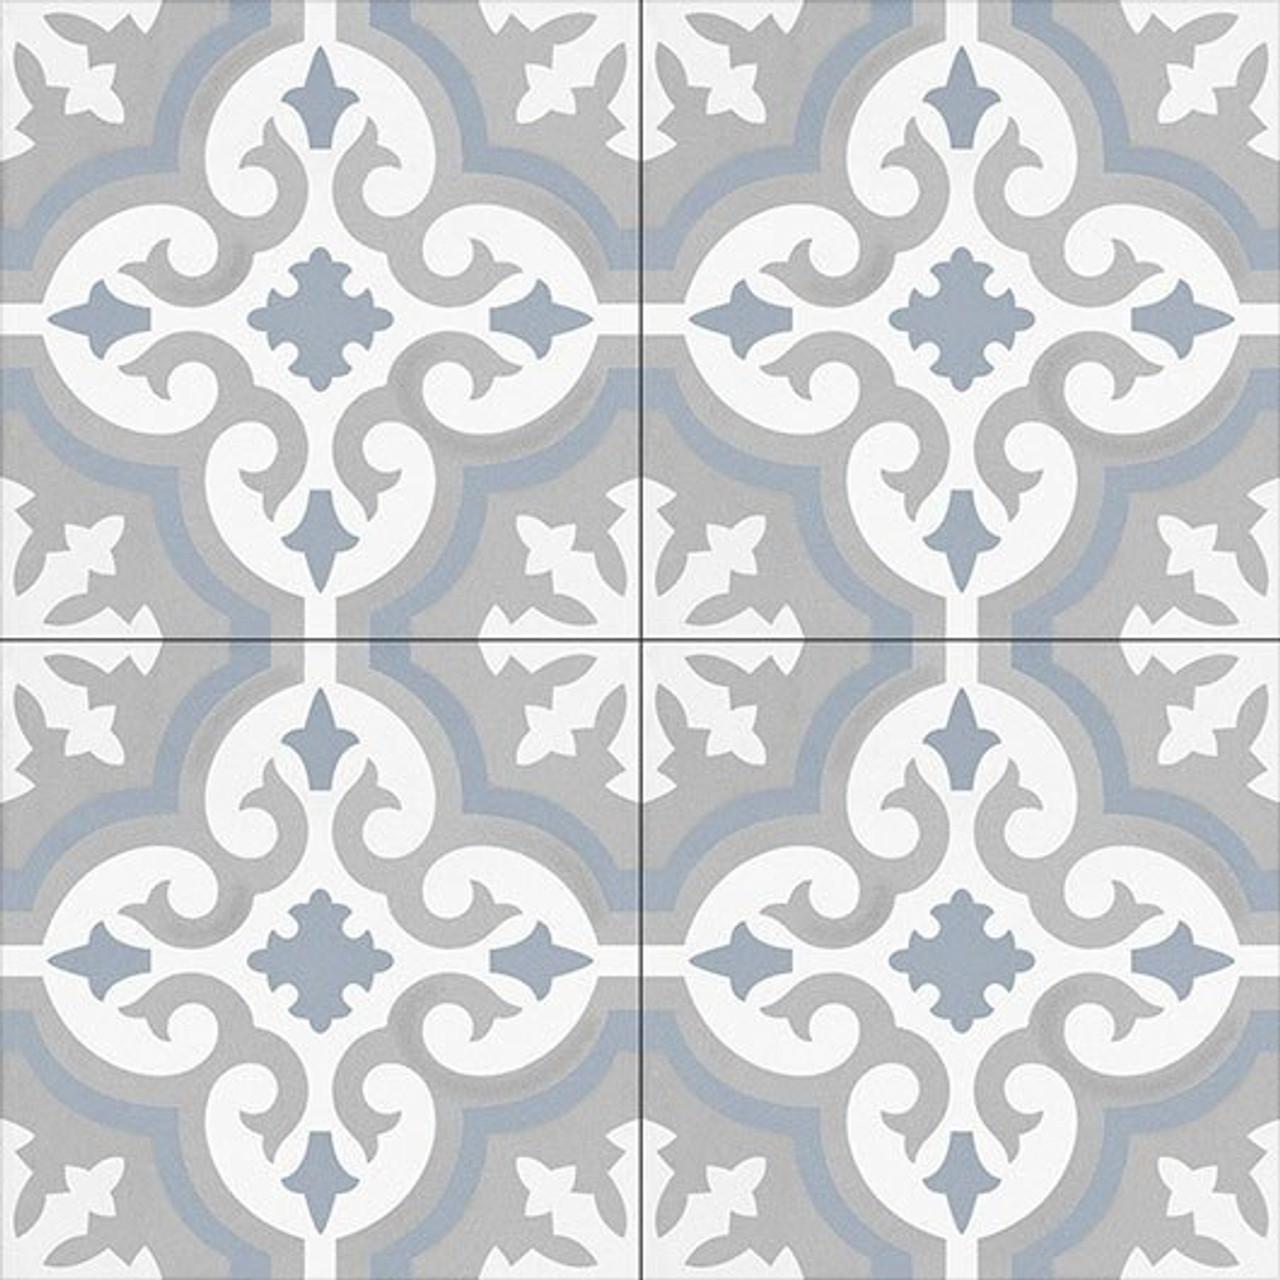 amalfi coast porcelain tile positano cottage ogz20dg